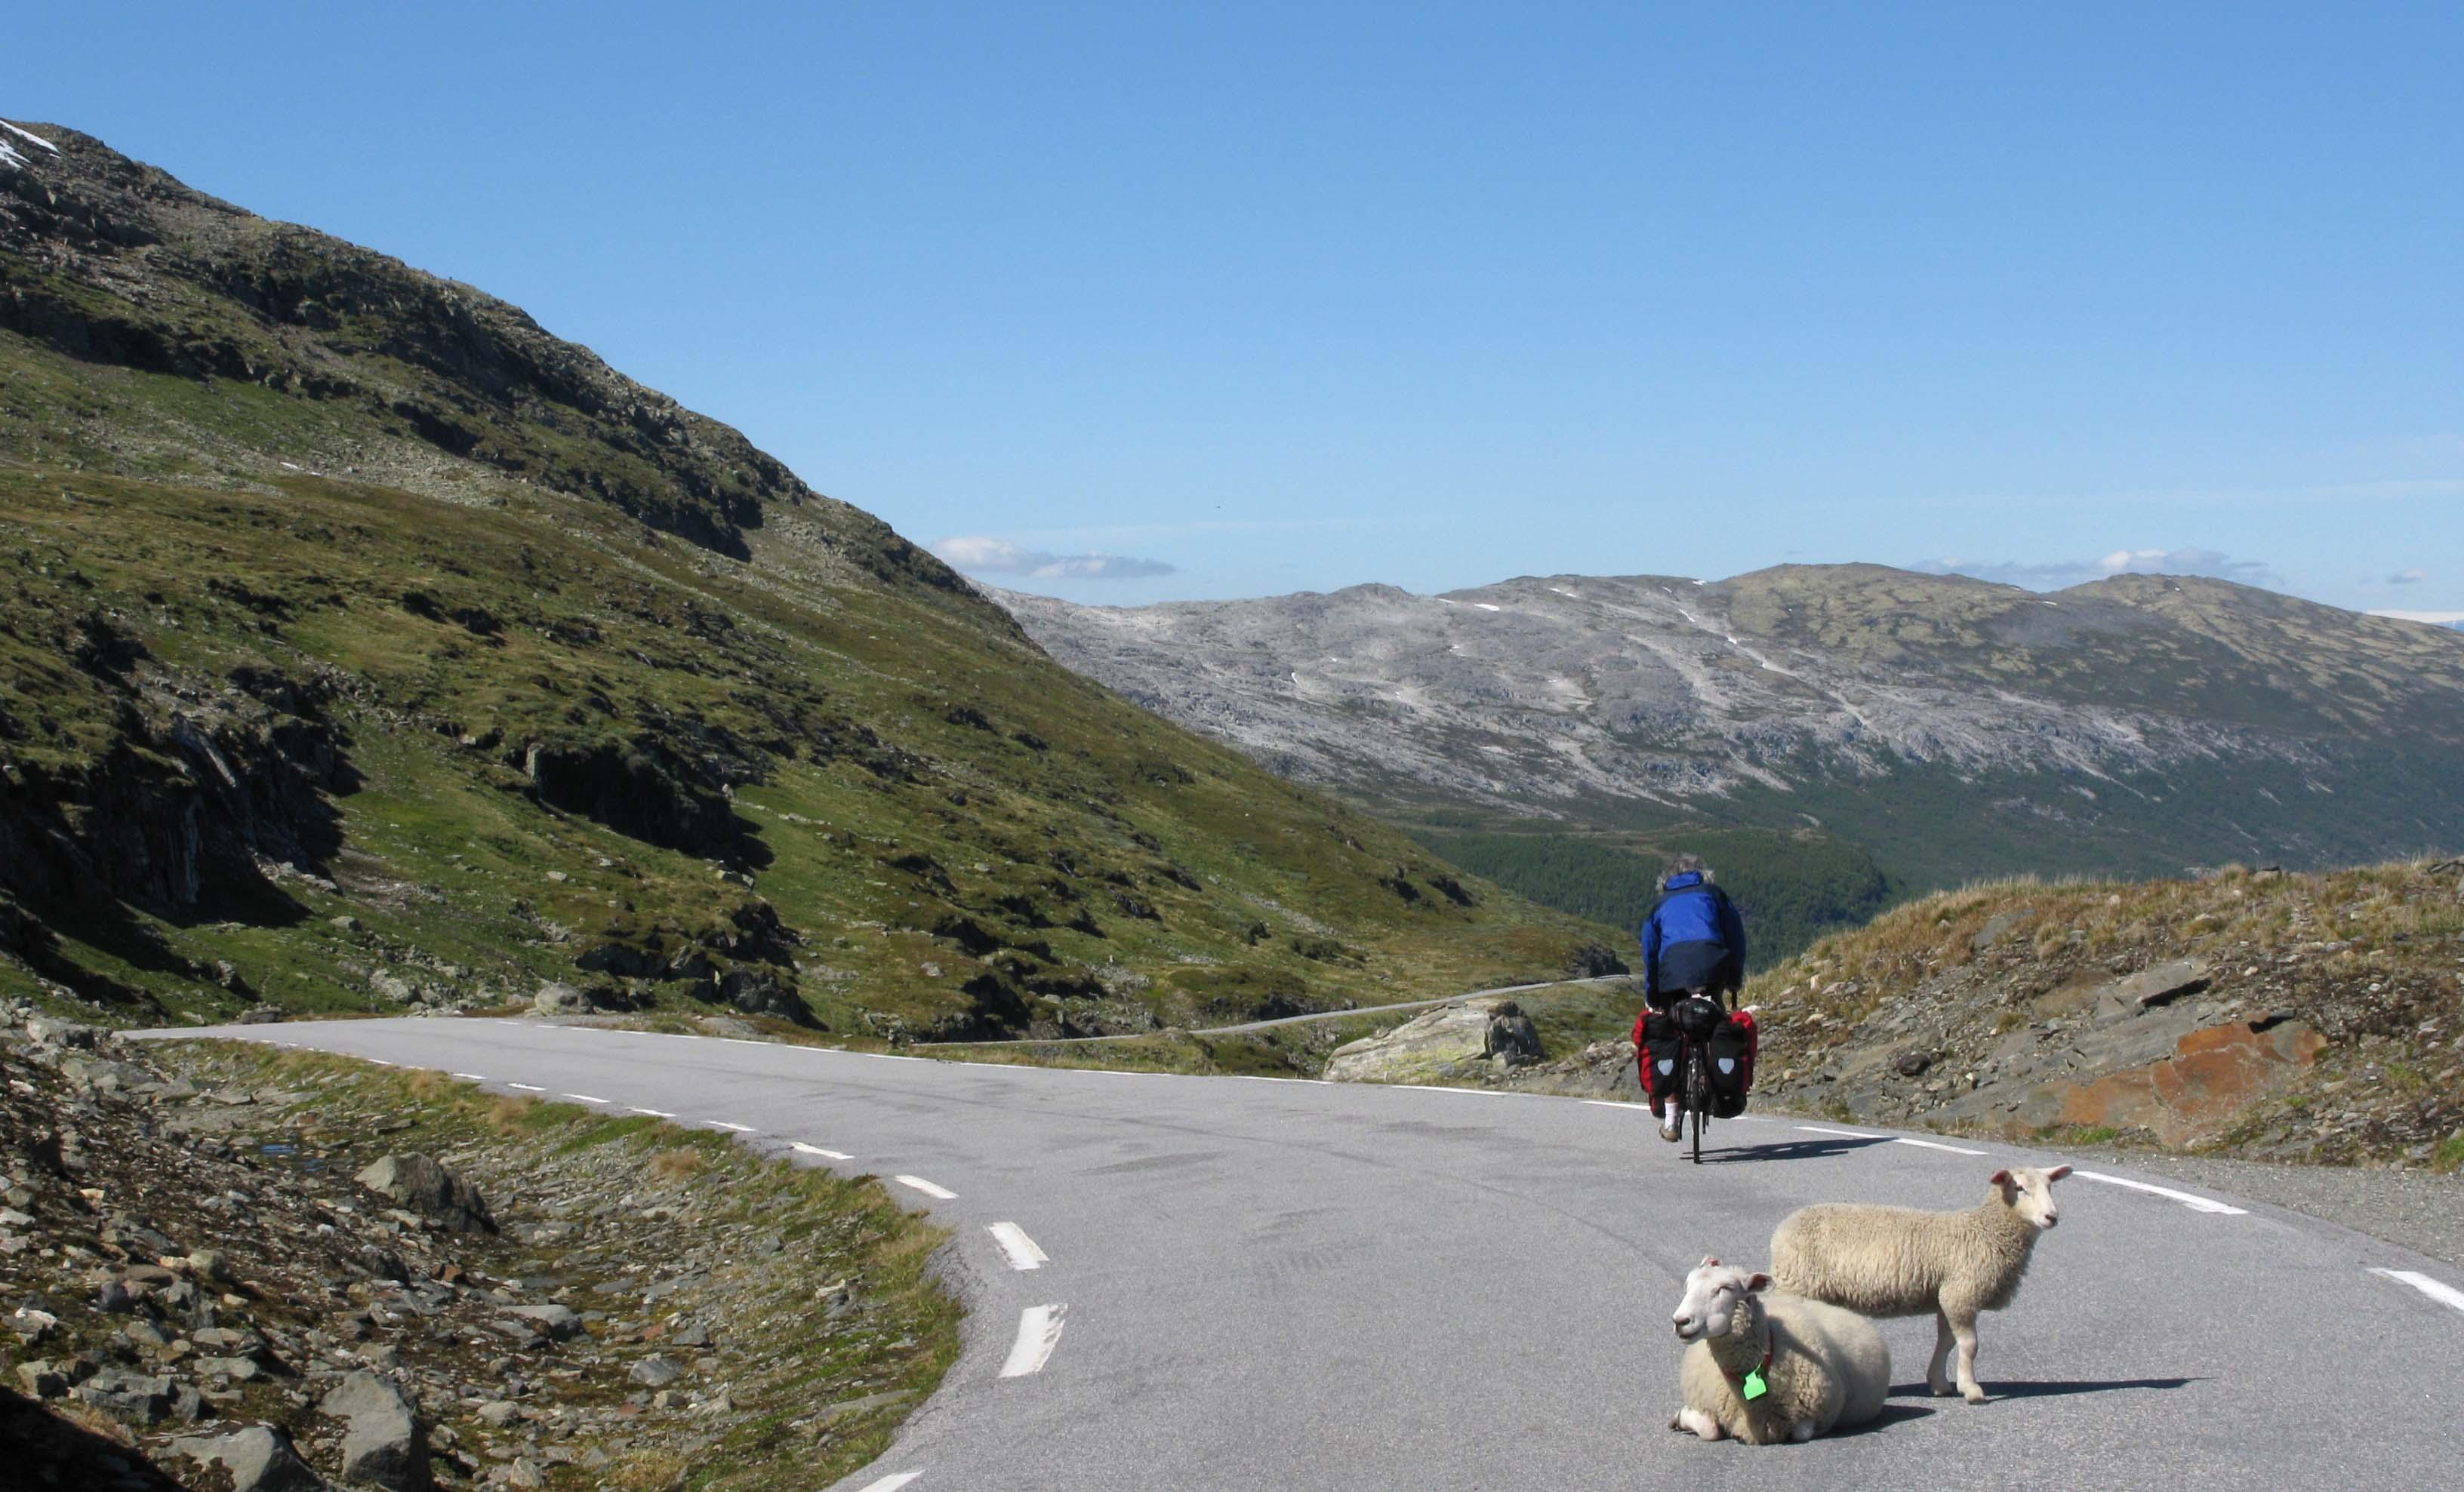 norwegen-abfahrt-schafe-auf-strasse